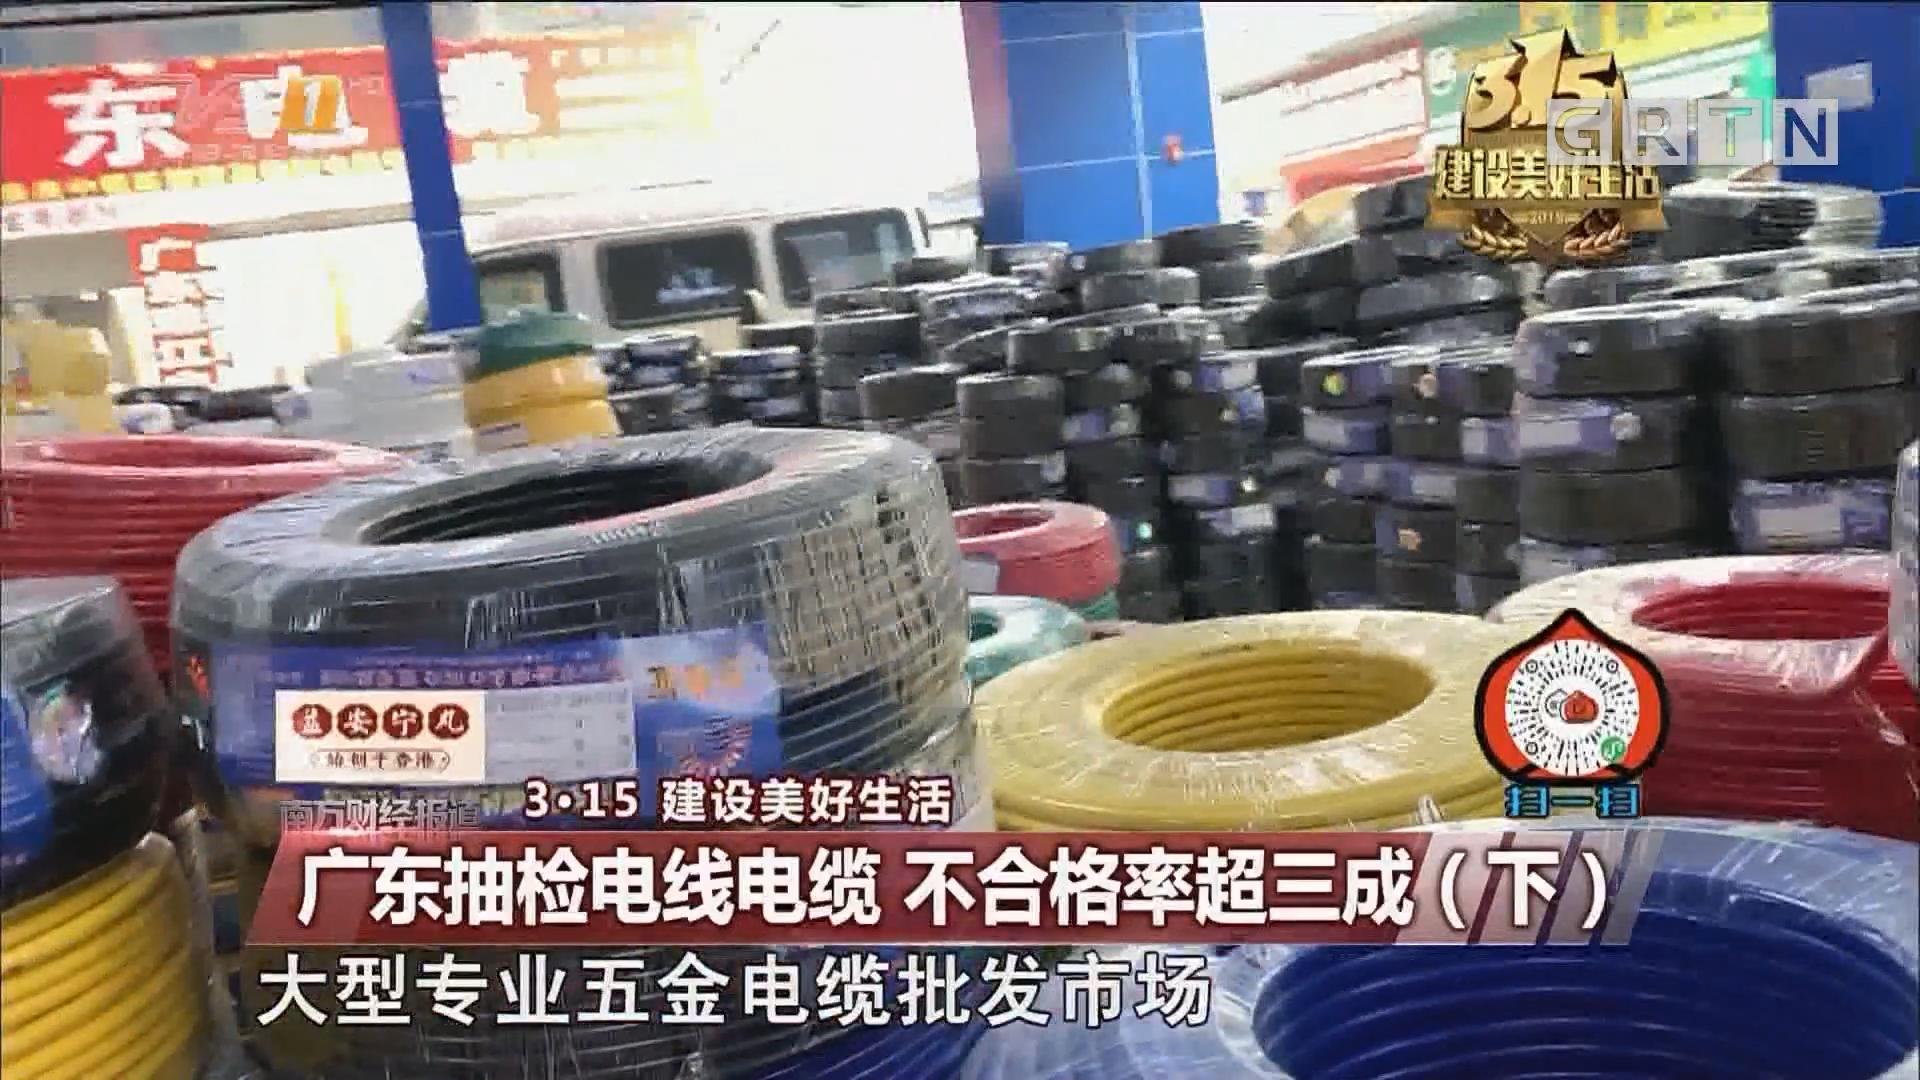 3·15建设美好生活 广东抽检电线电缆 不合格率超三成(下)